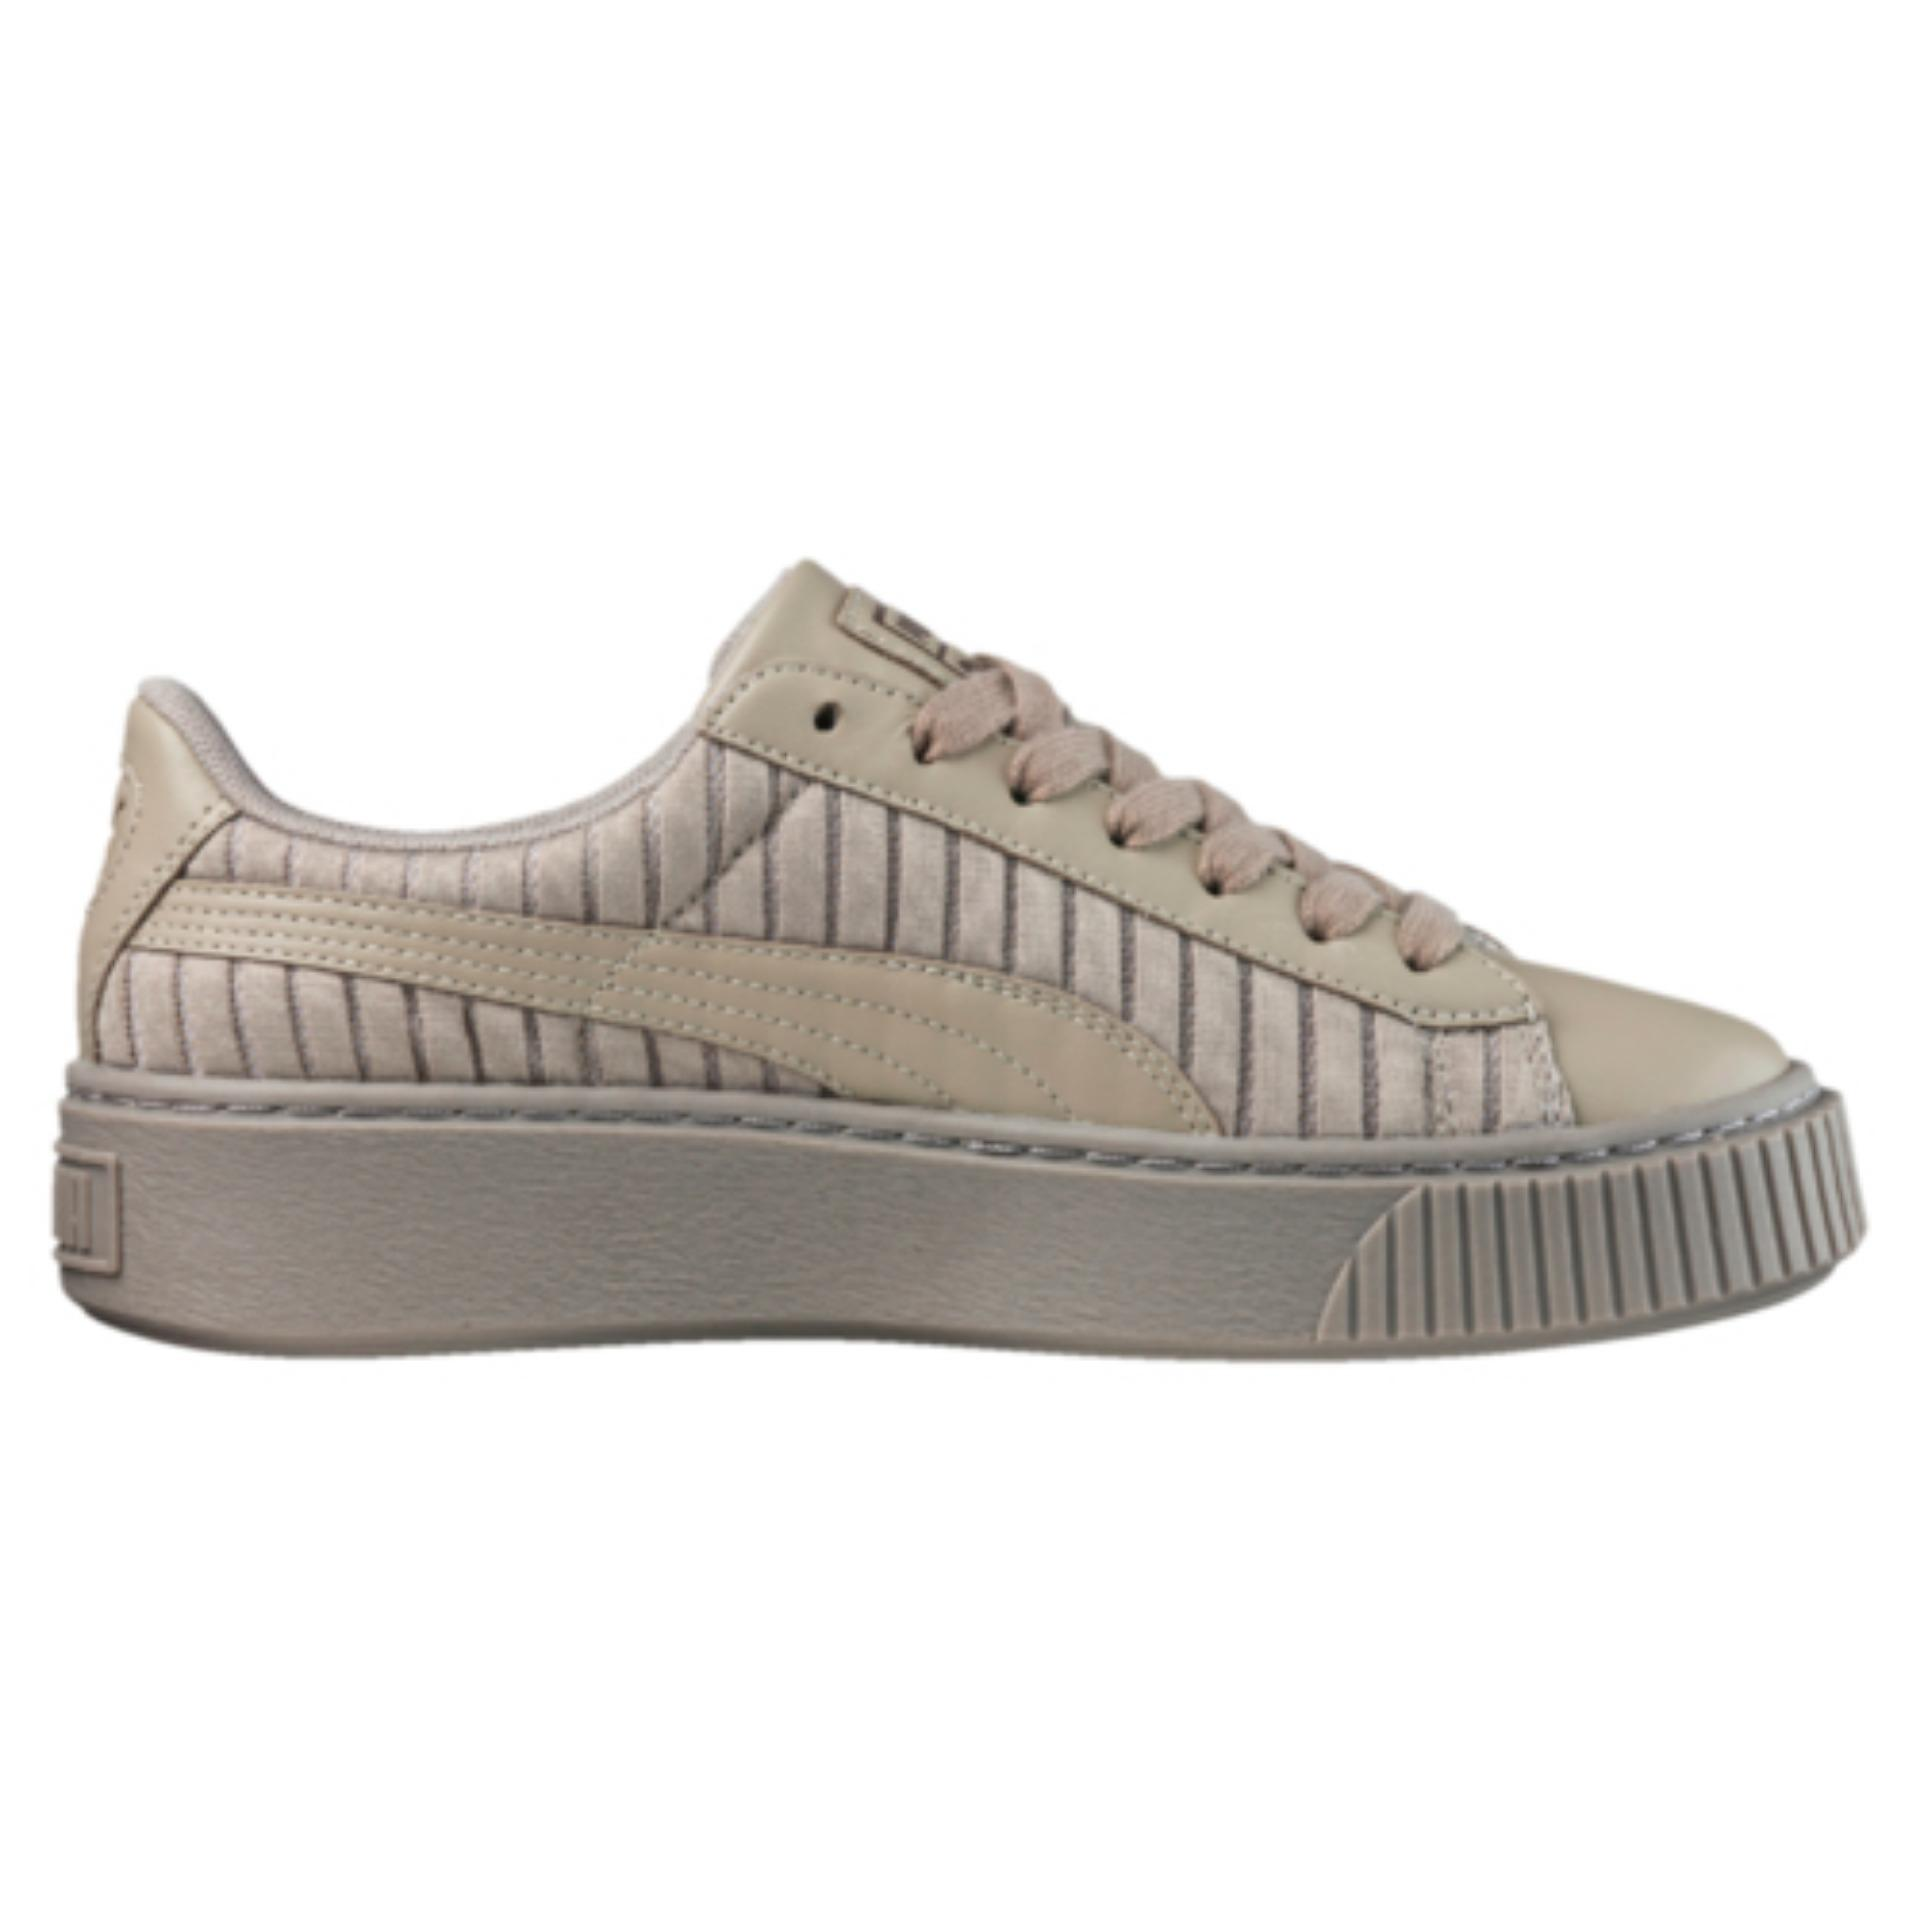 Puma Basket Platform EP Women Sneakers - Rock Ridge fc4a79e7f